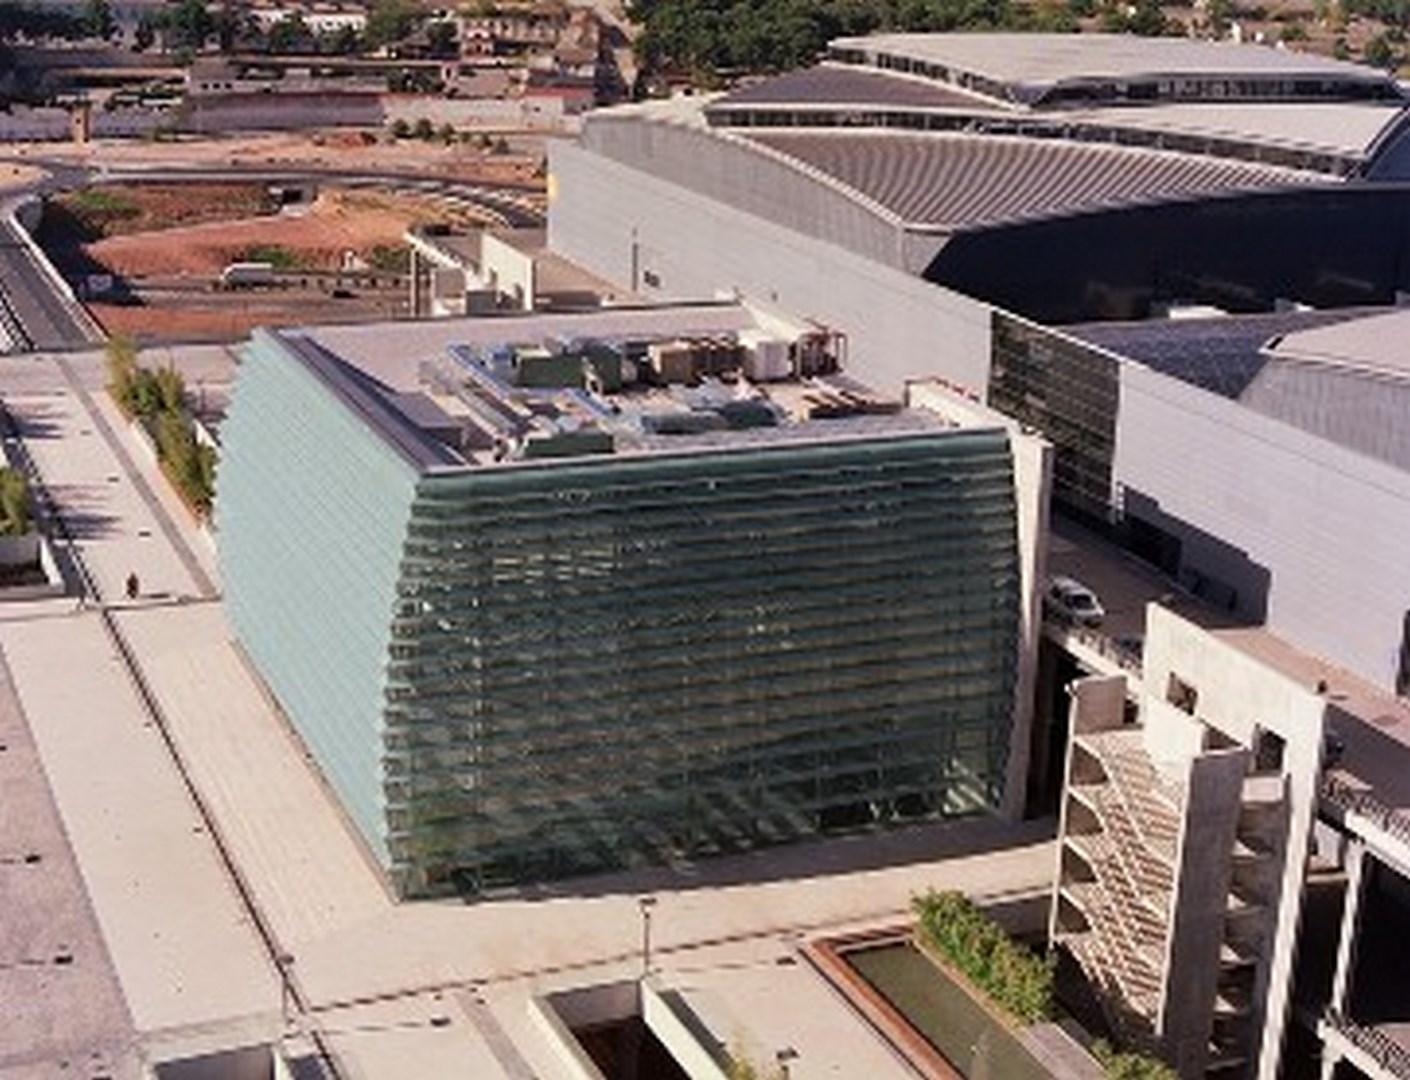 Foro Centro building